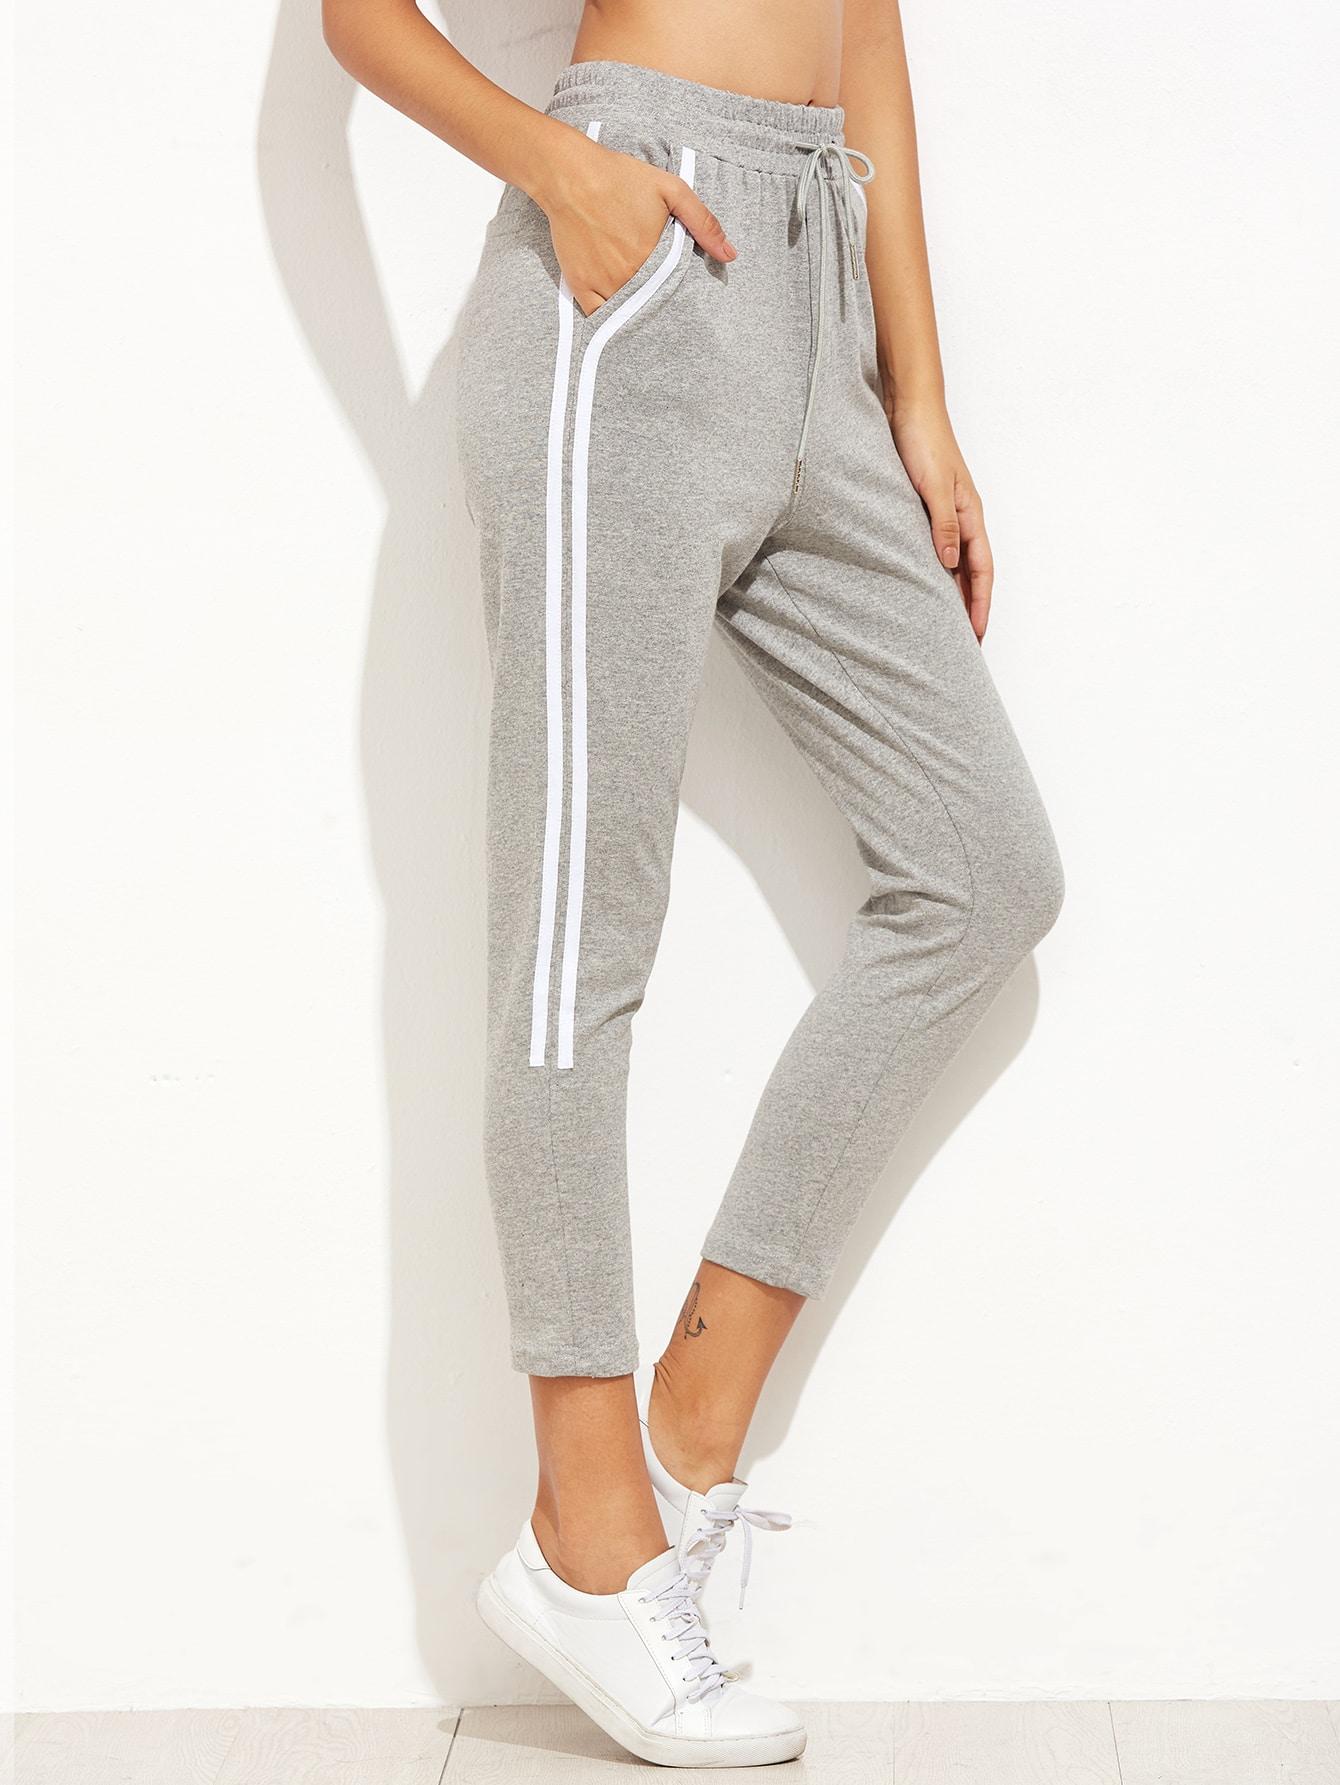 Grey Striped Side Drawstring Sport Pants pants160915401